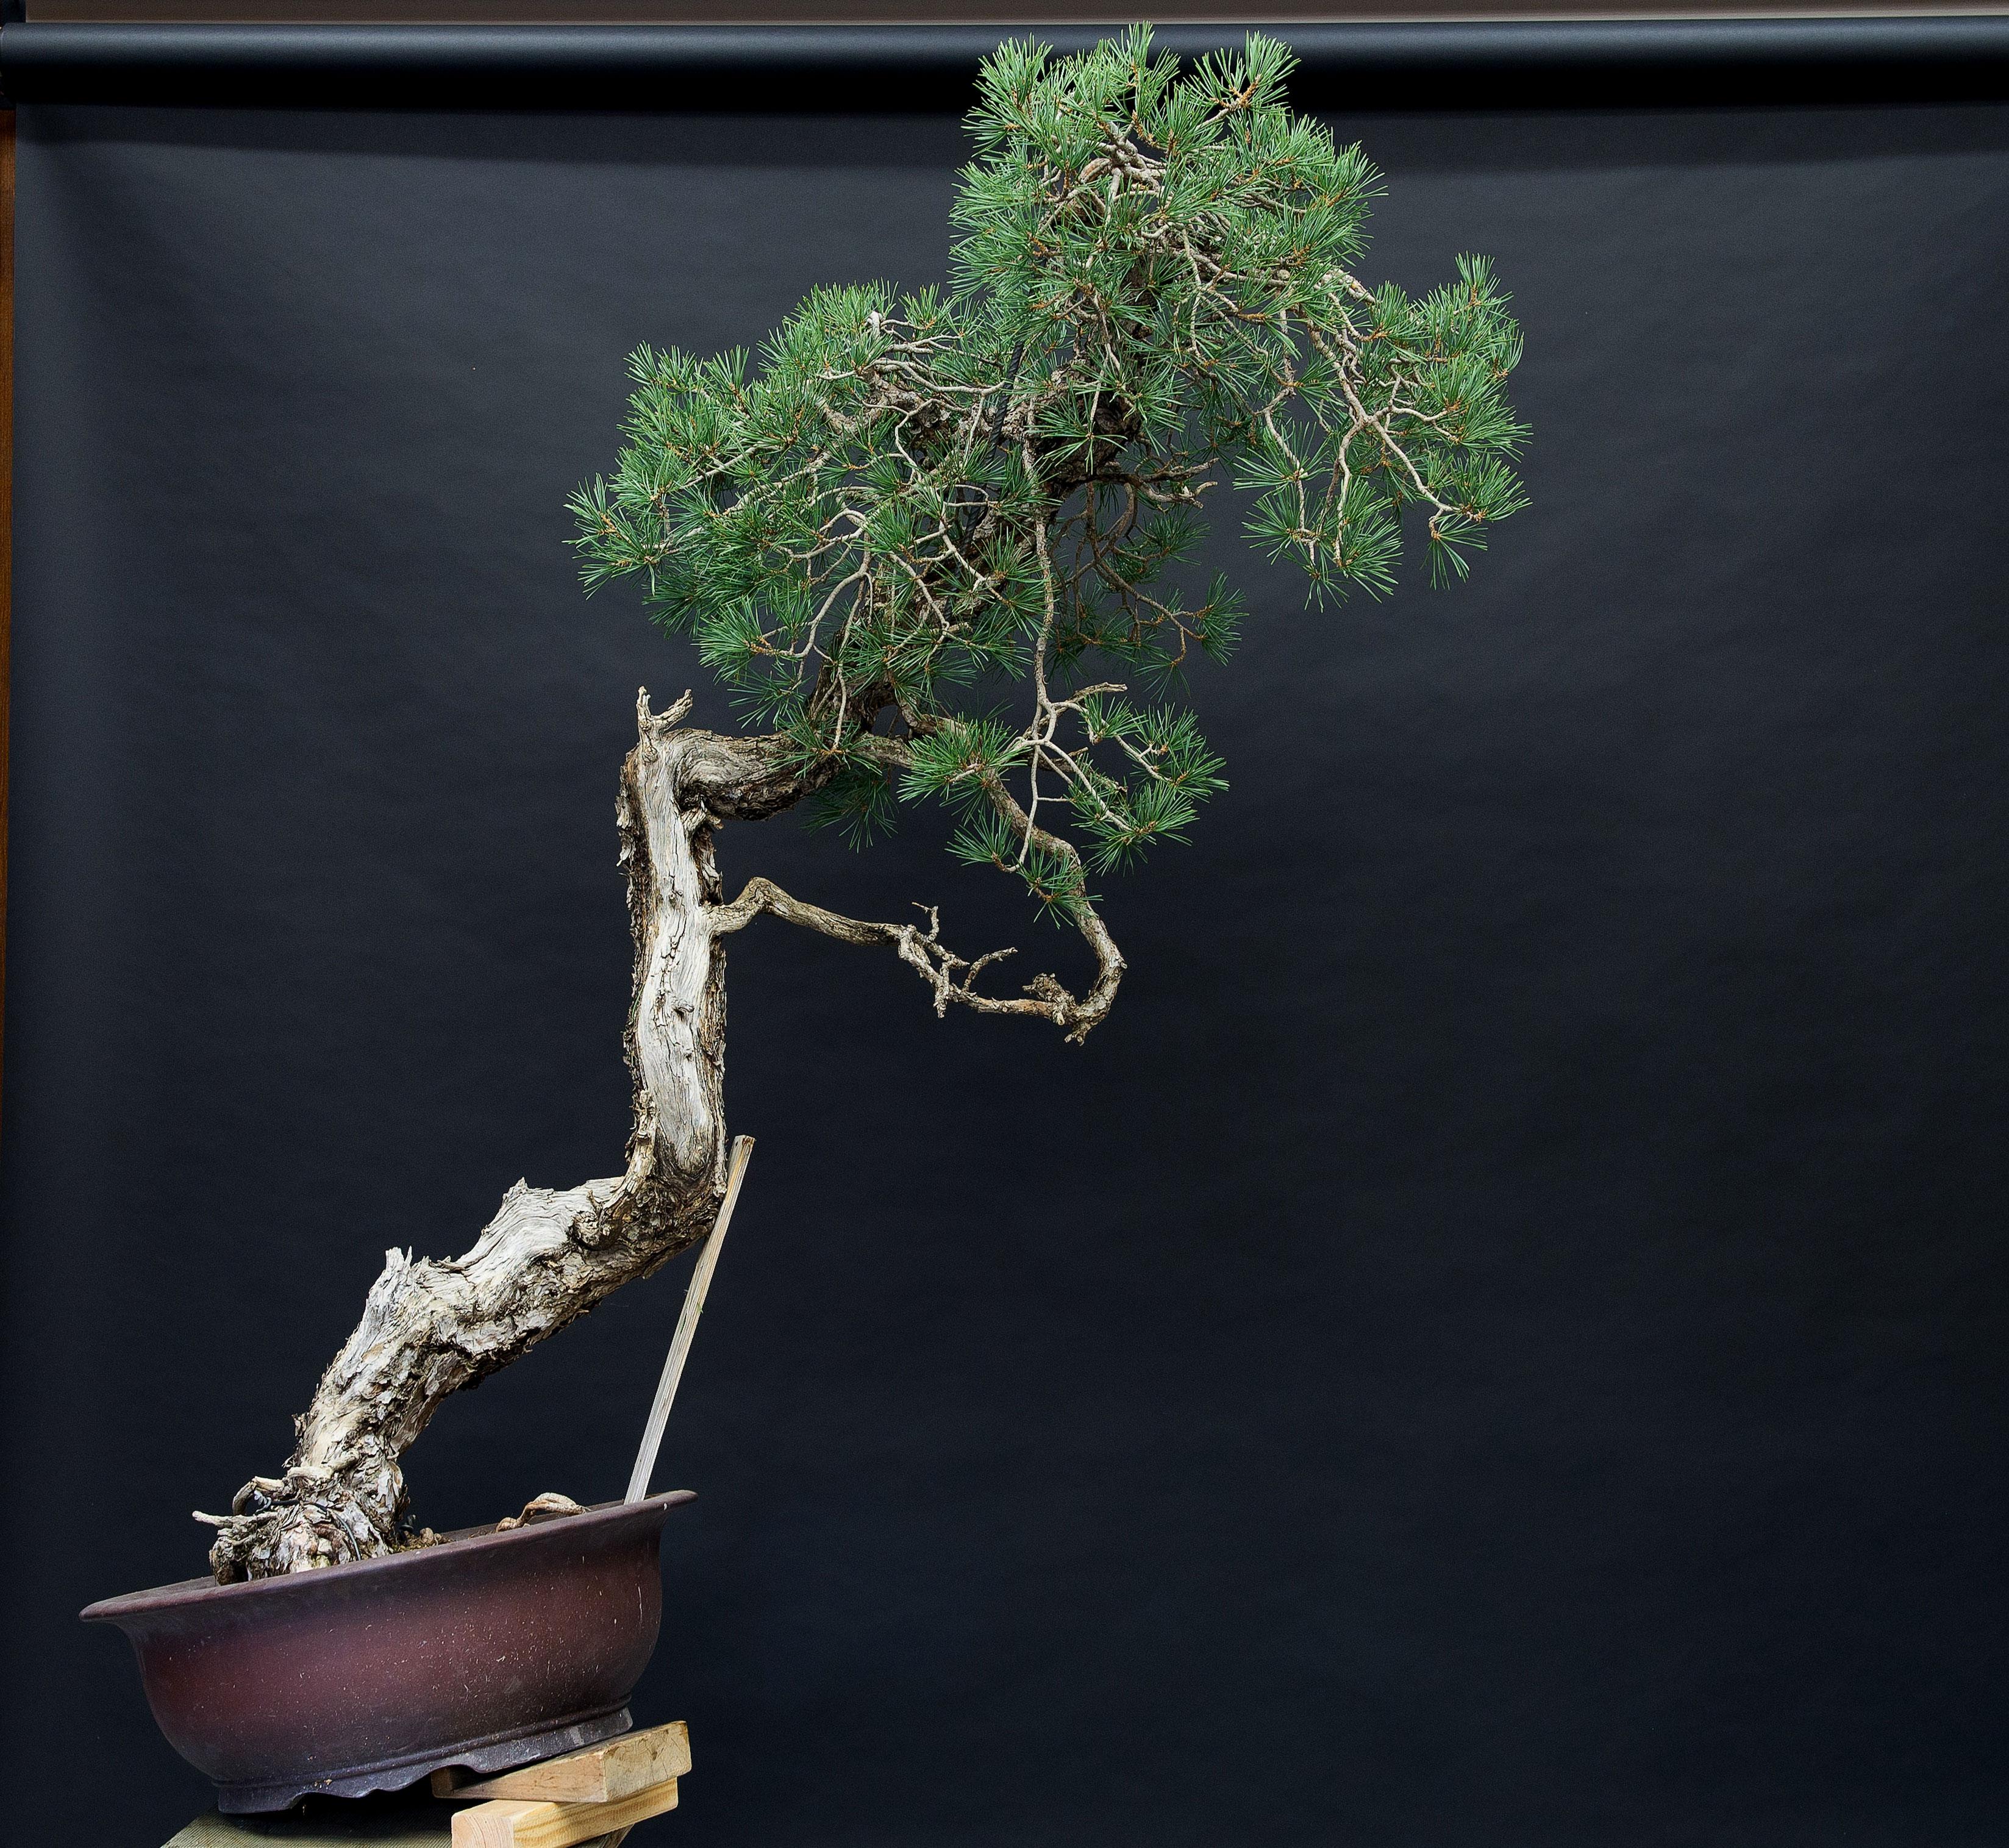 nuevo ángulo de plantado de pino bunjin